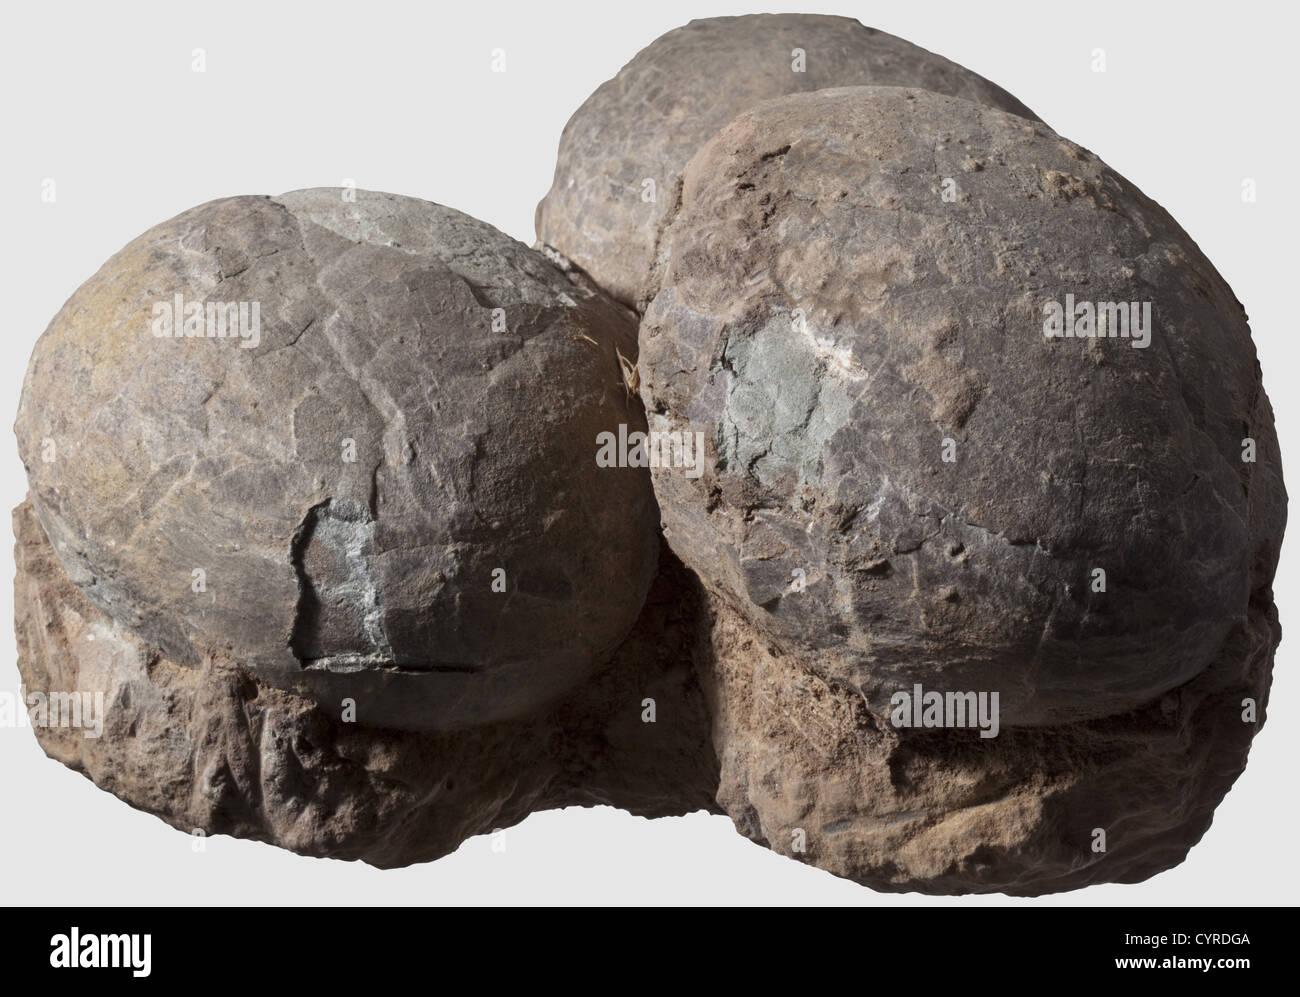 Huevos de dinosaurio, Triásico/período cretácico una nidada de 3 huevos fosilizados con las conchas generalmente Foto de stock